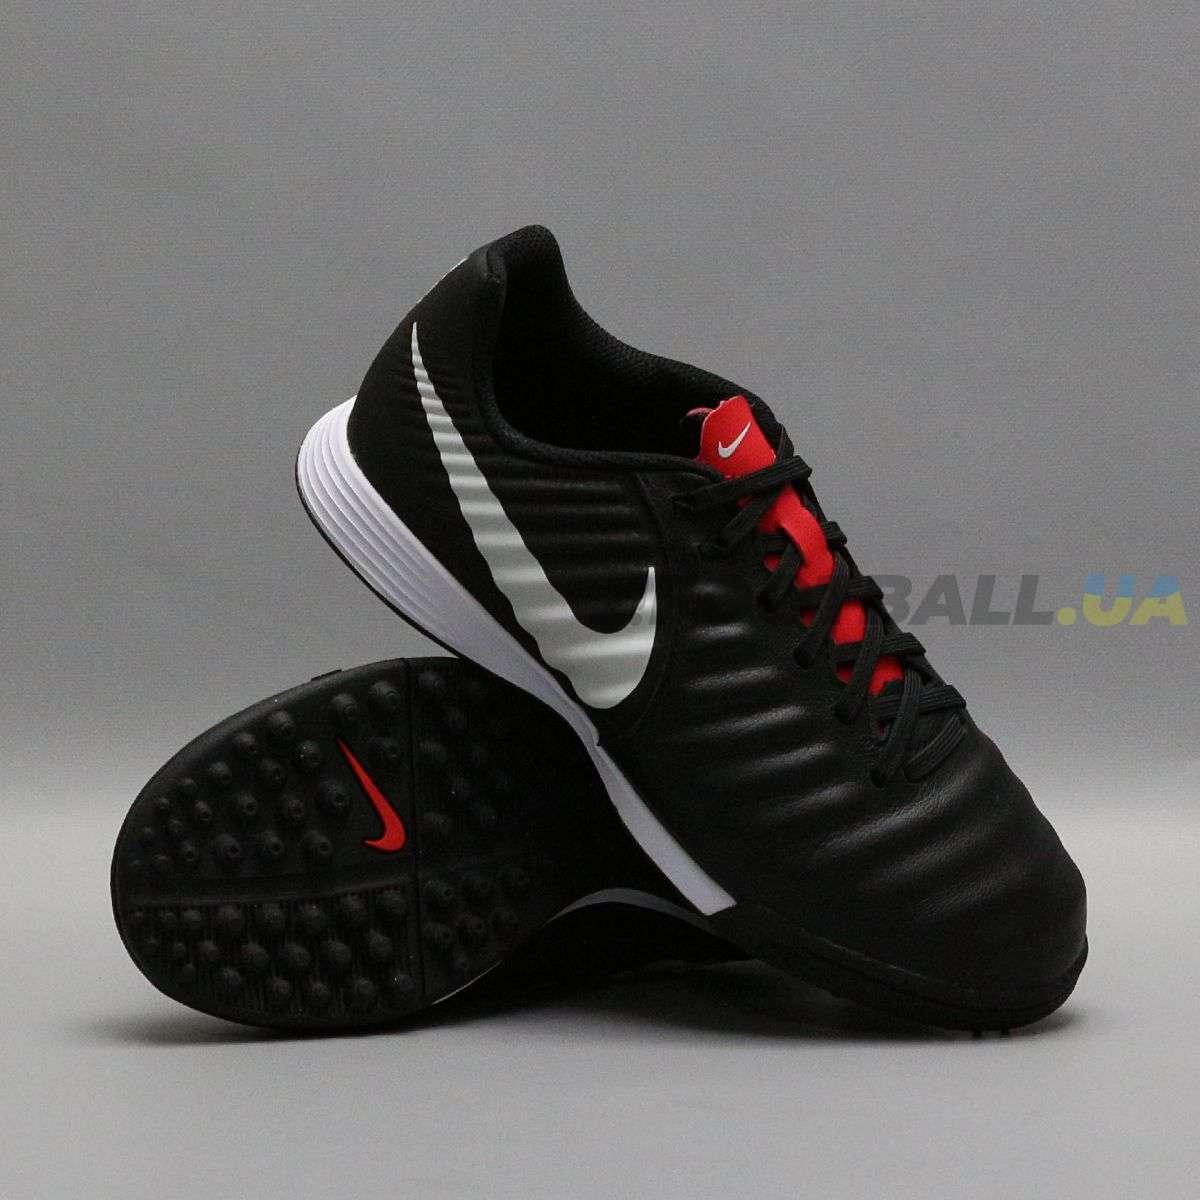 0d41c27822c7 🥇 Купить футбольные бутсы Nike Tiempo Найк Темпо   Цена   Киев ...